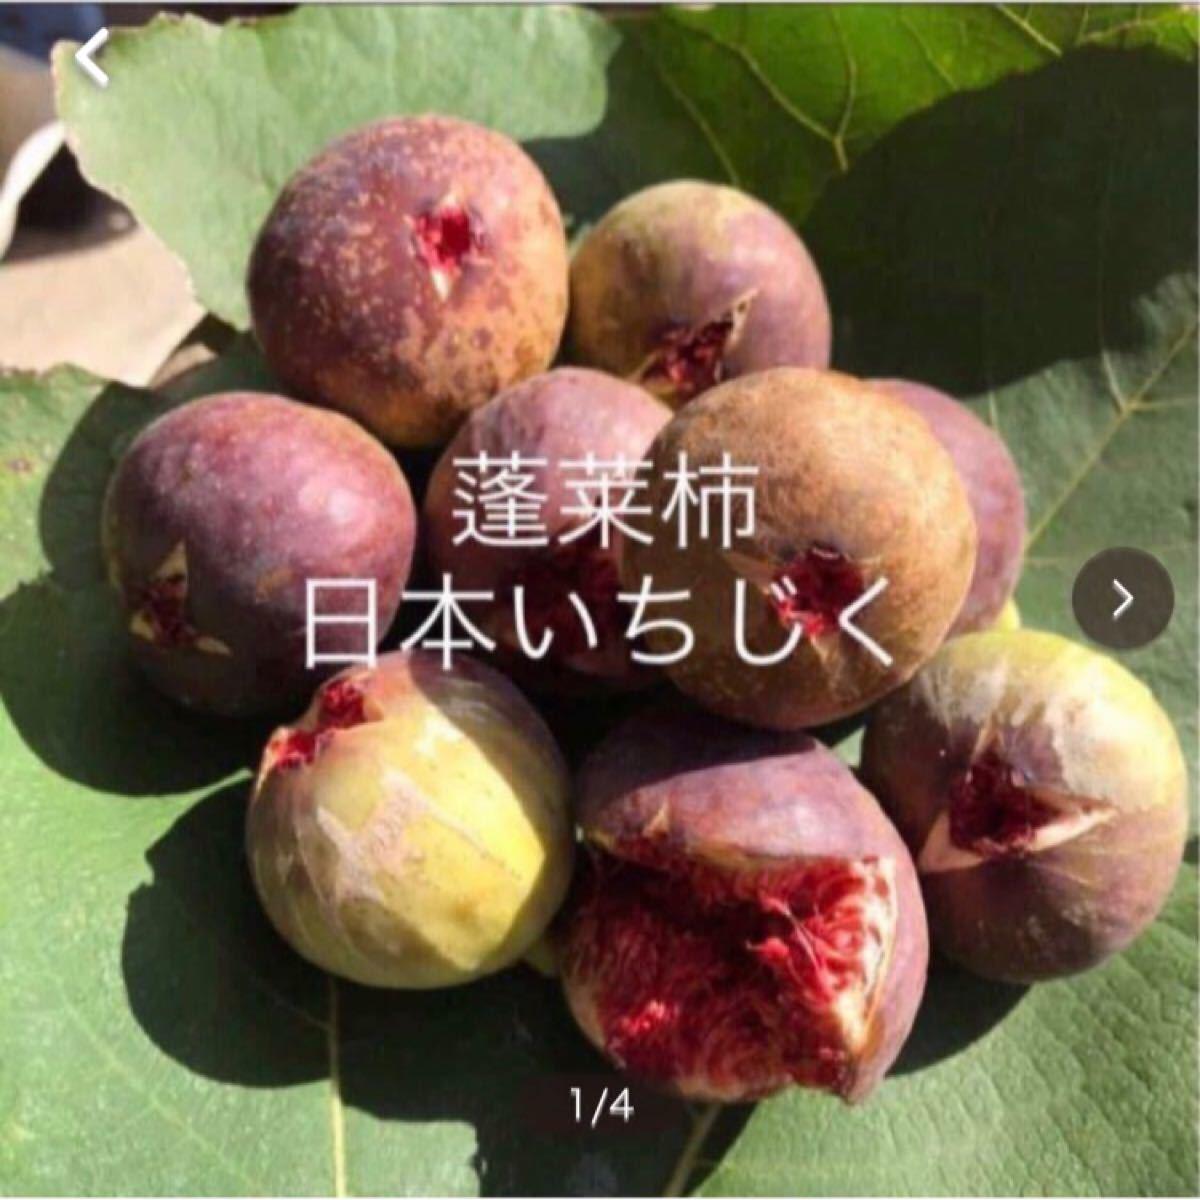 イチジク  挿し木用穂木 3本 蓬莱柿 日本種 白いちじく 無花果 thrq5 無農薬 果樹苗 いちぢく